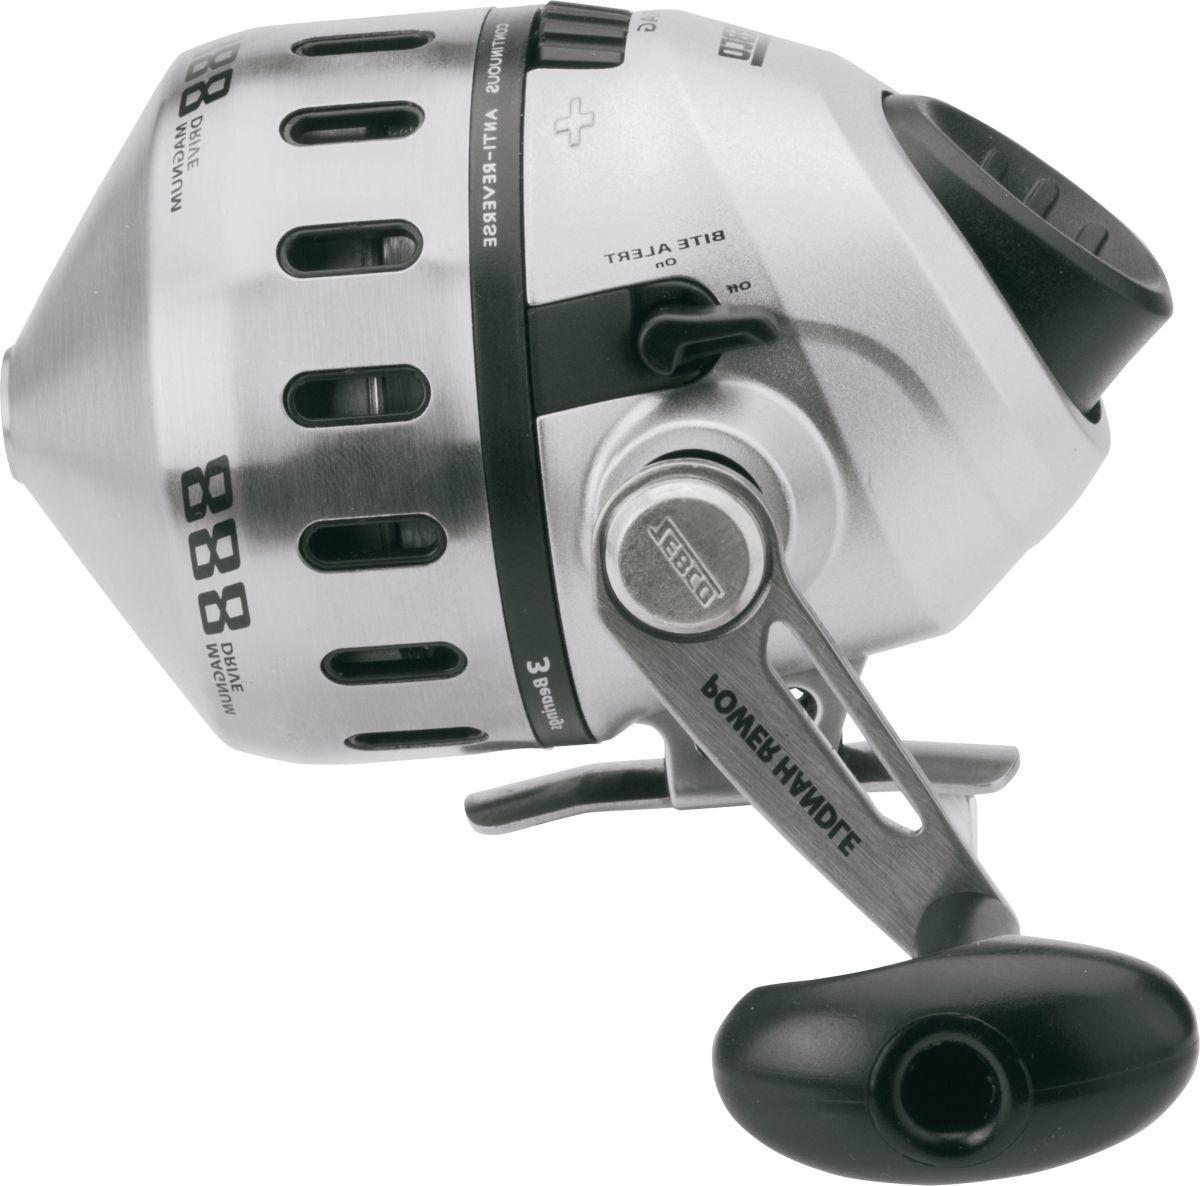 Zebco® 888 Spincast Reel